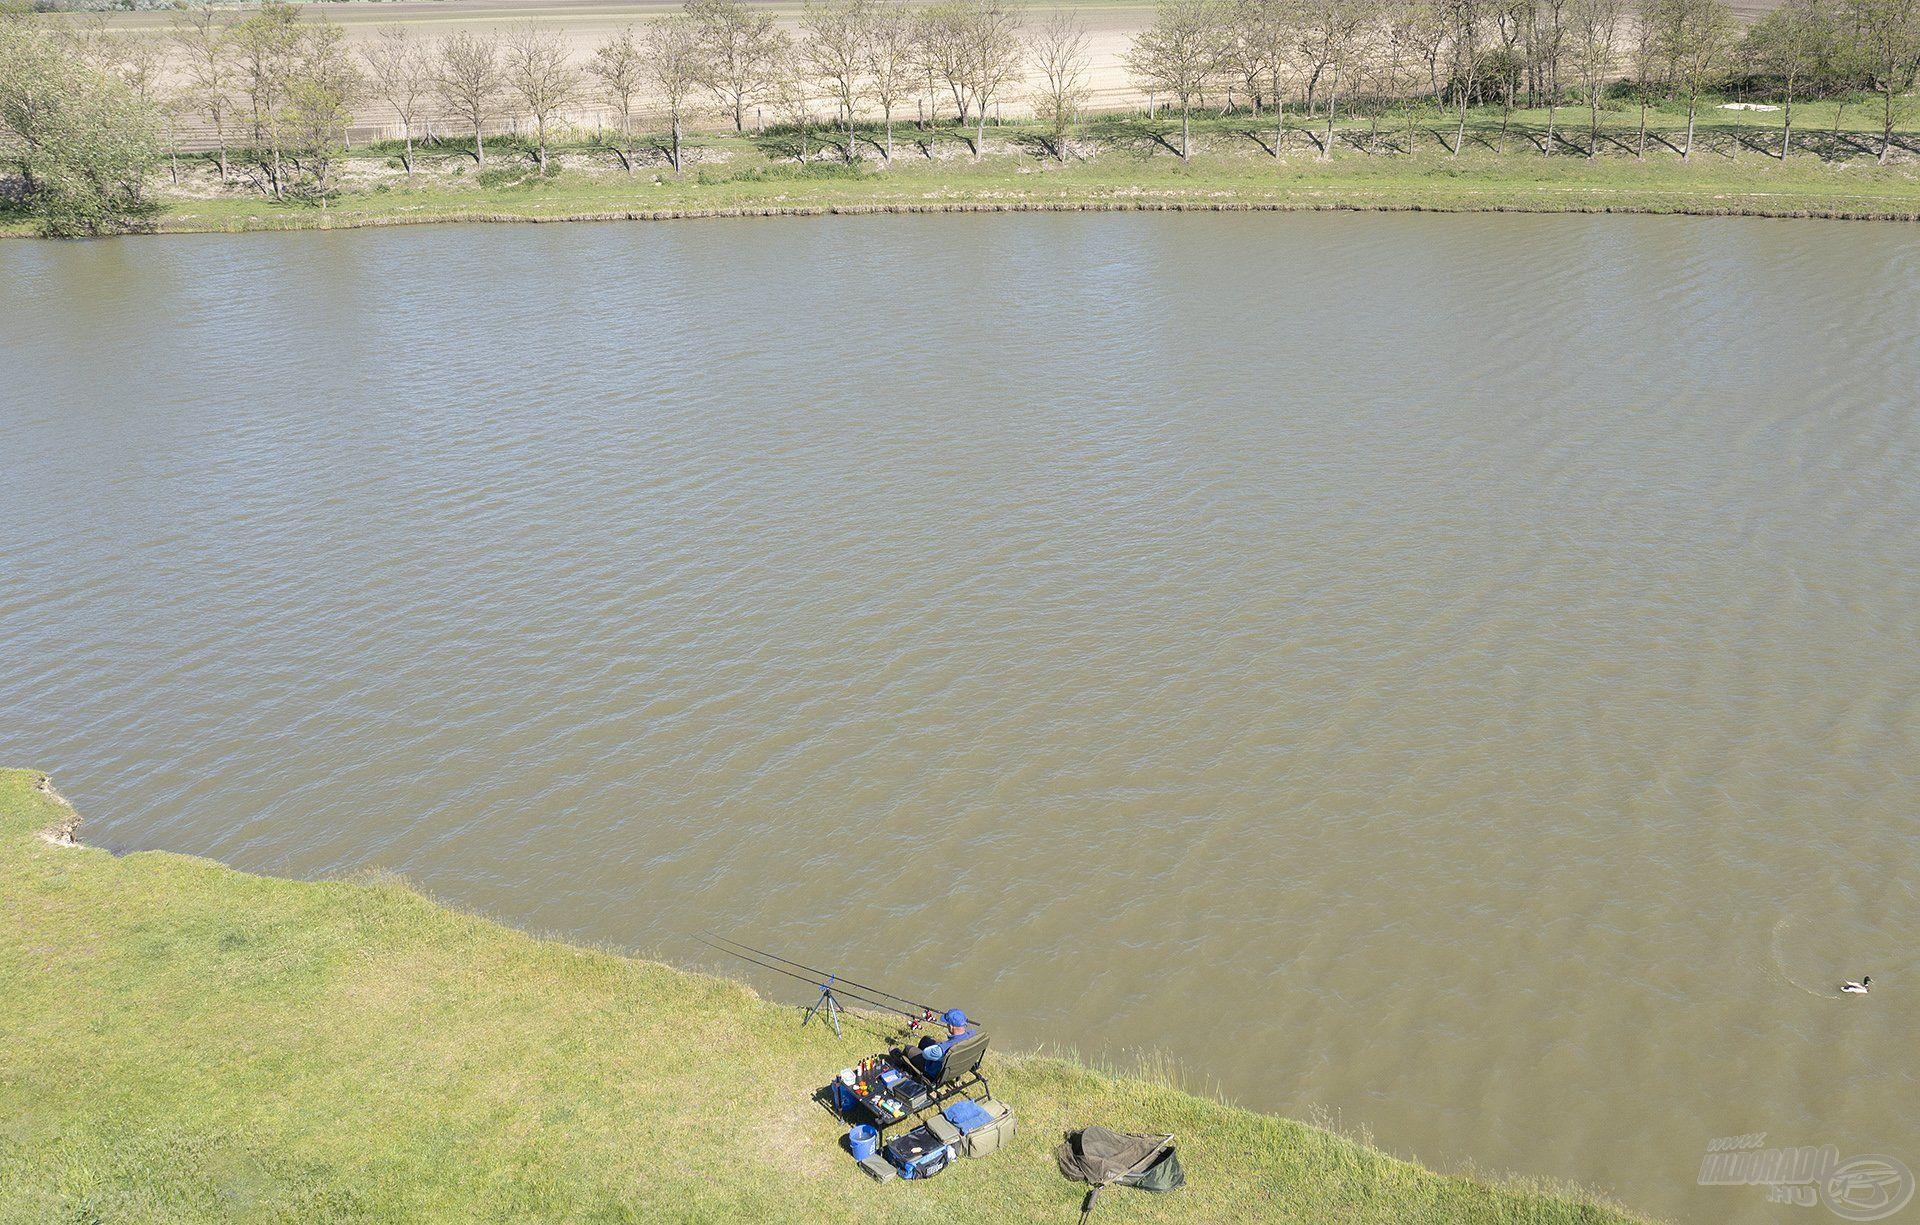 Ezen a napon horgásztam először ezen a szimpatikus, kellemes környezetű kis vízen…